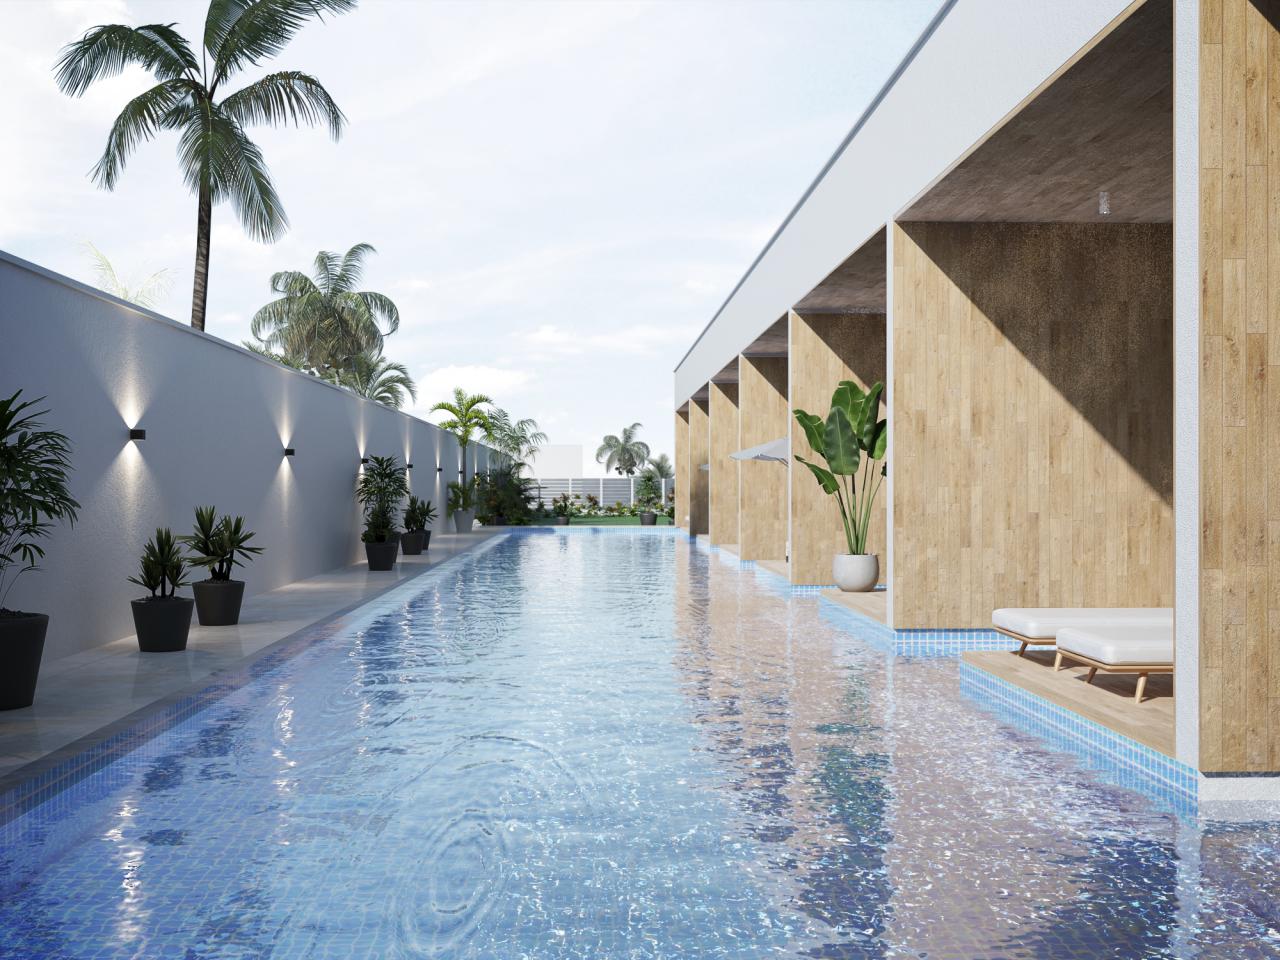 BEACH HOUSE exterior v4.effectsResult